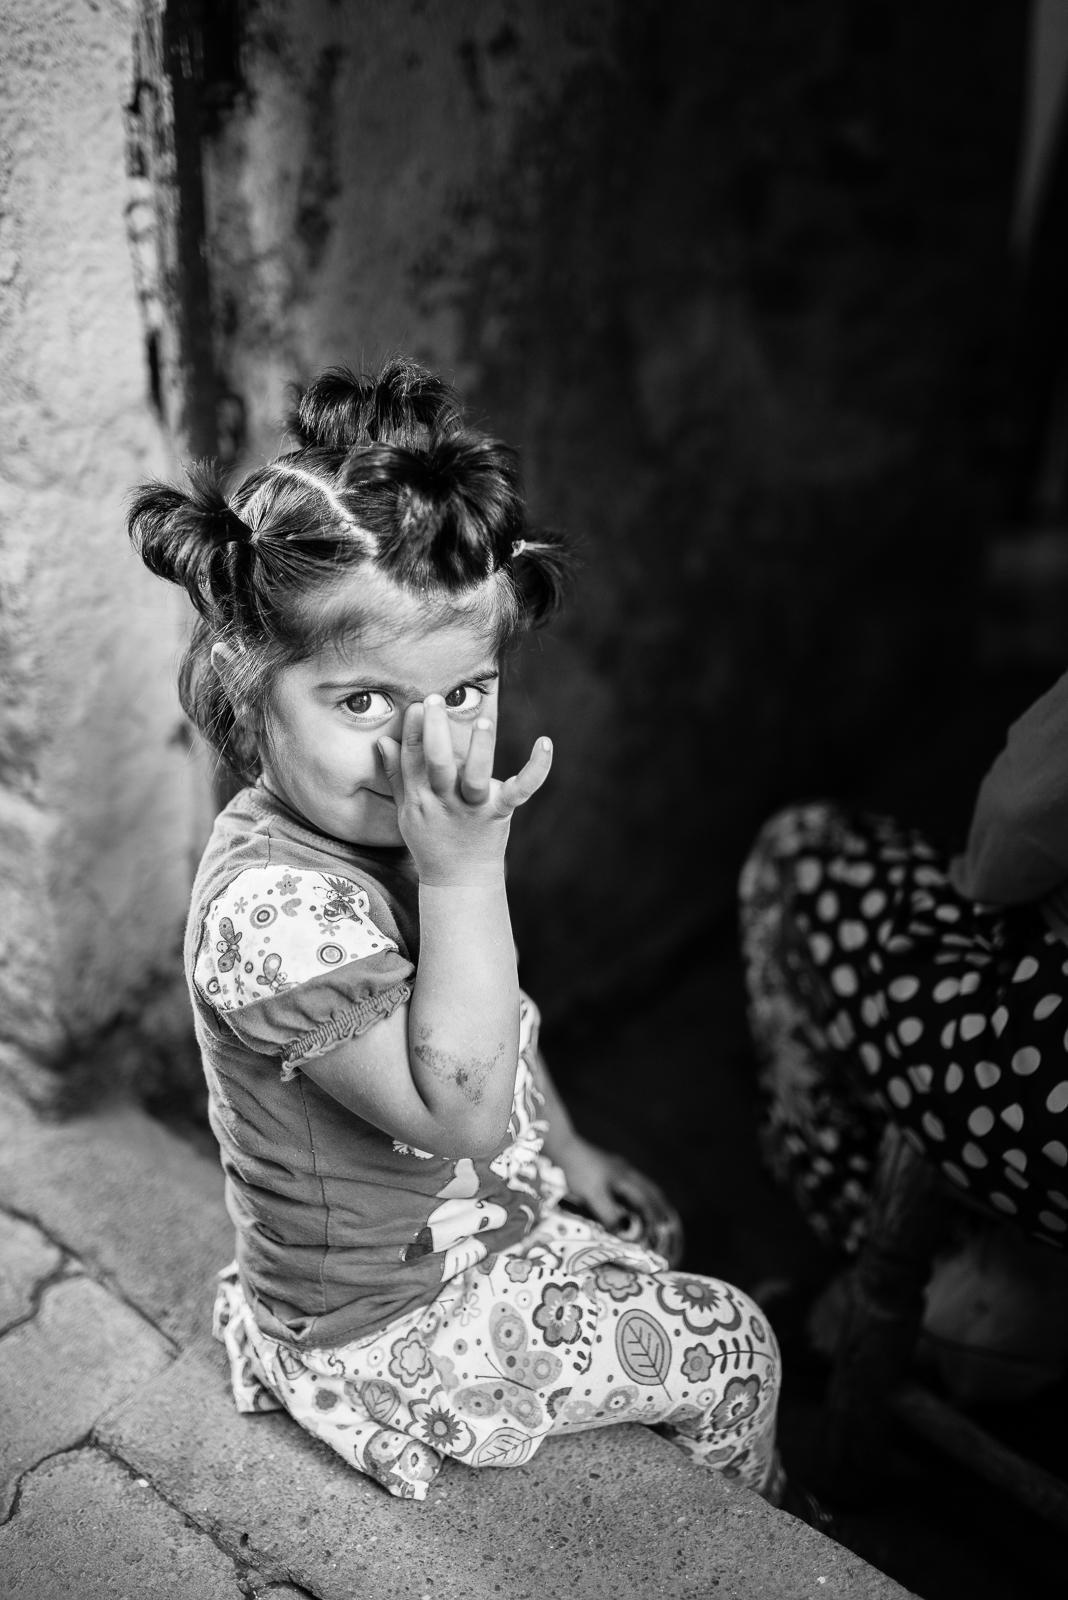 Little girl in Diyaebakir (Turkey)